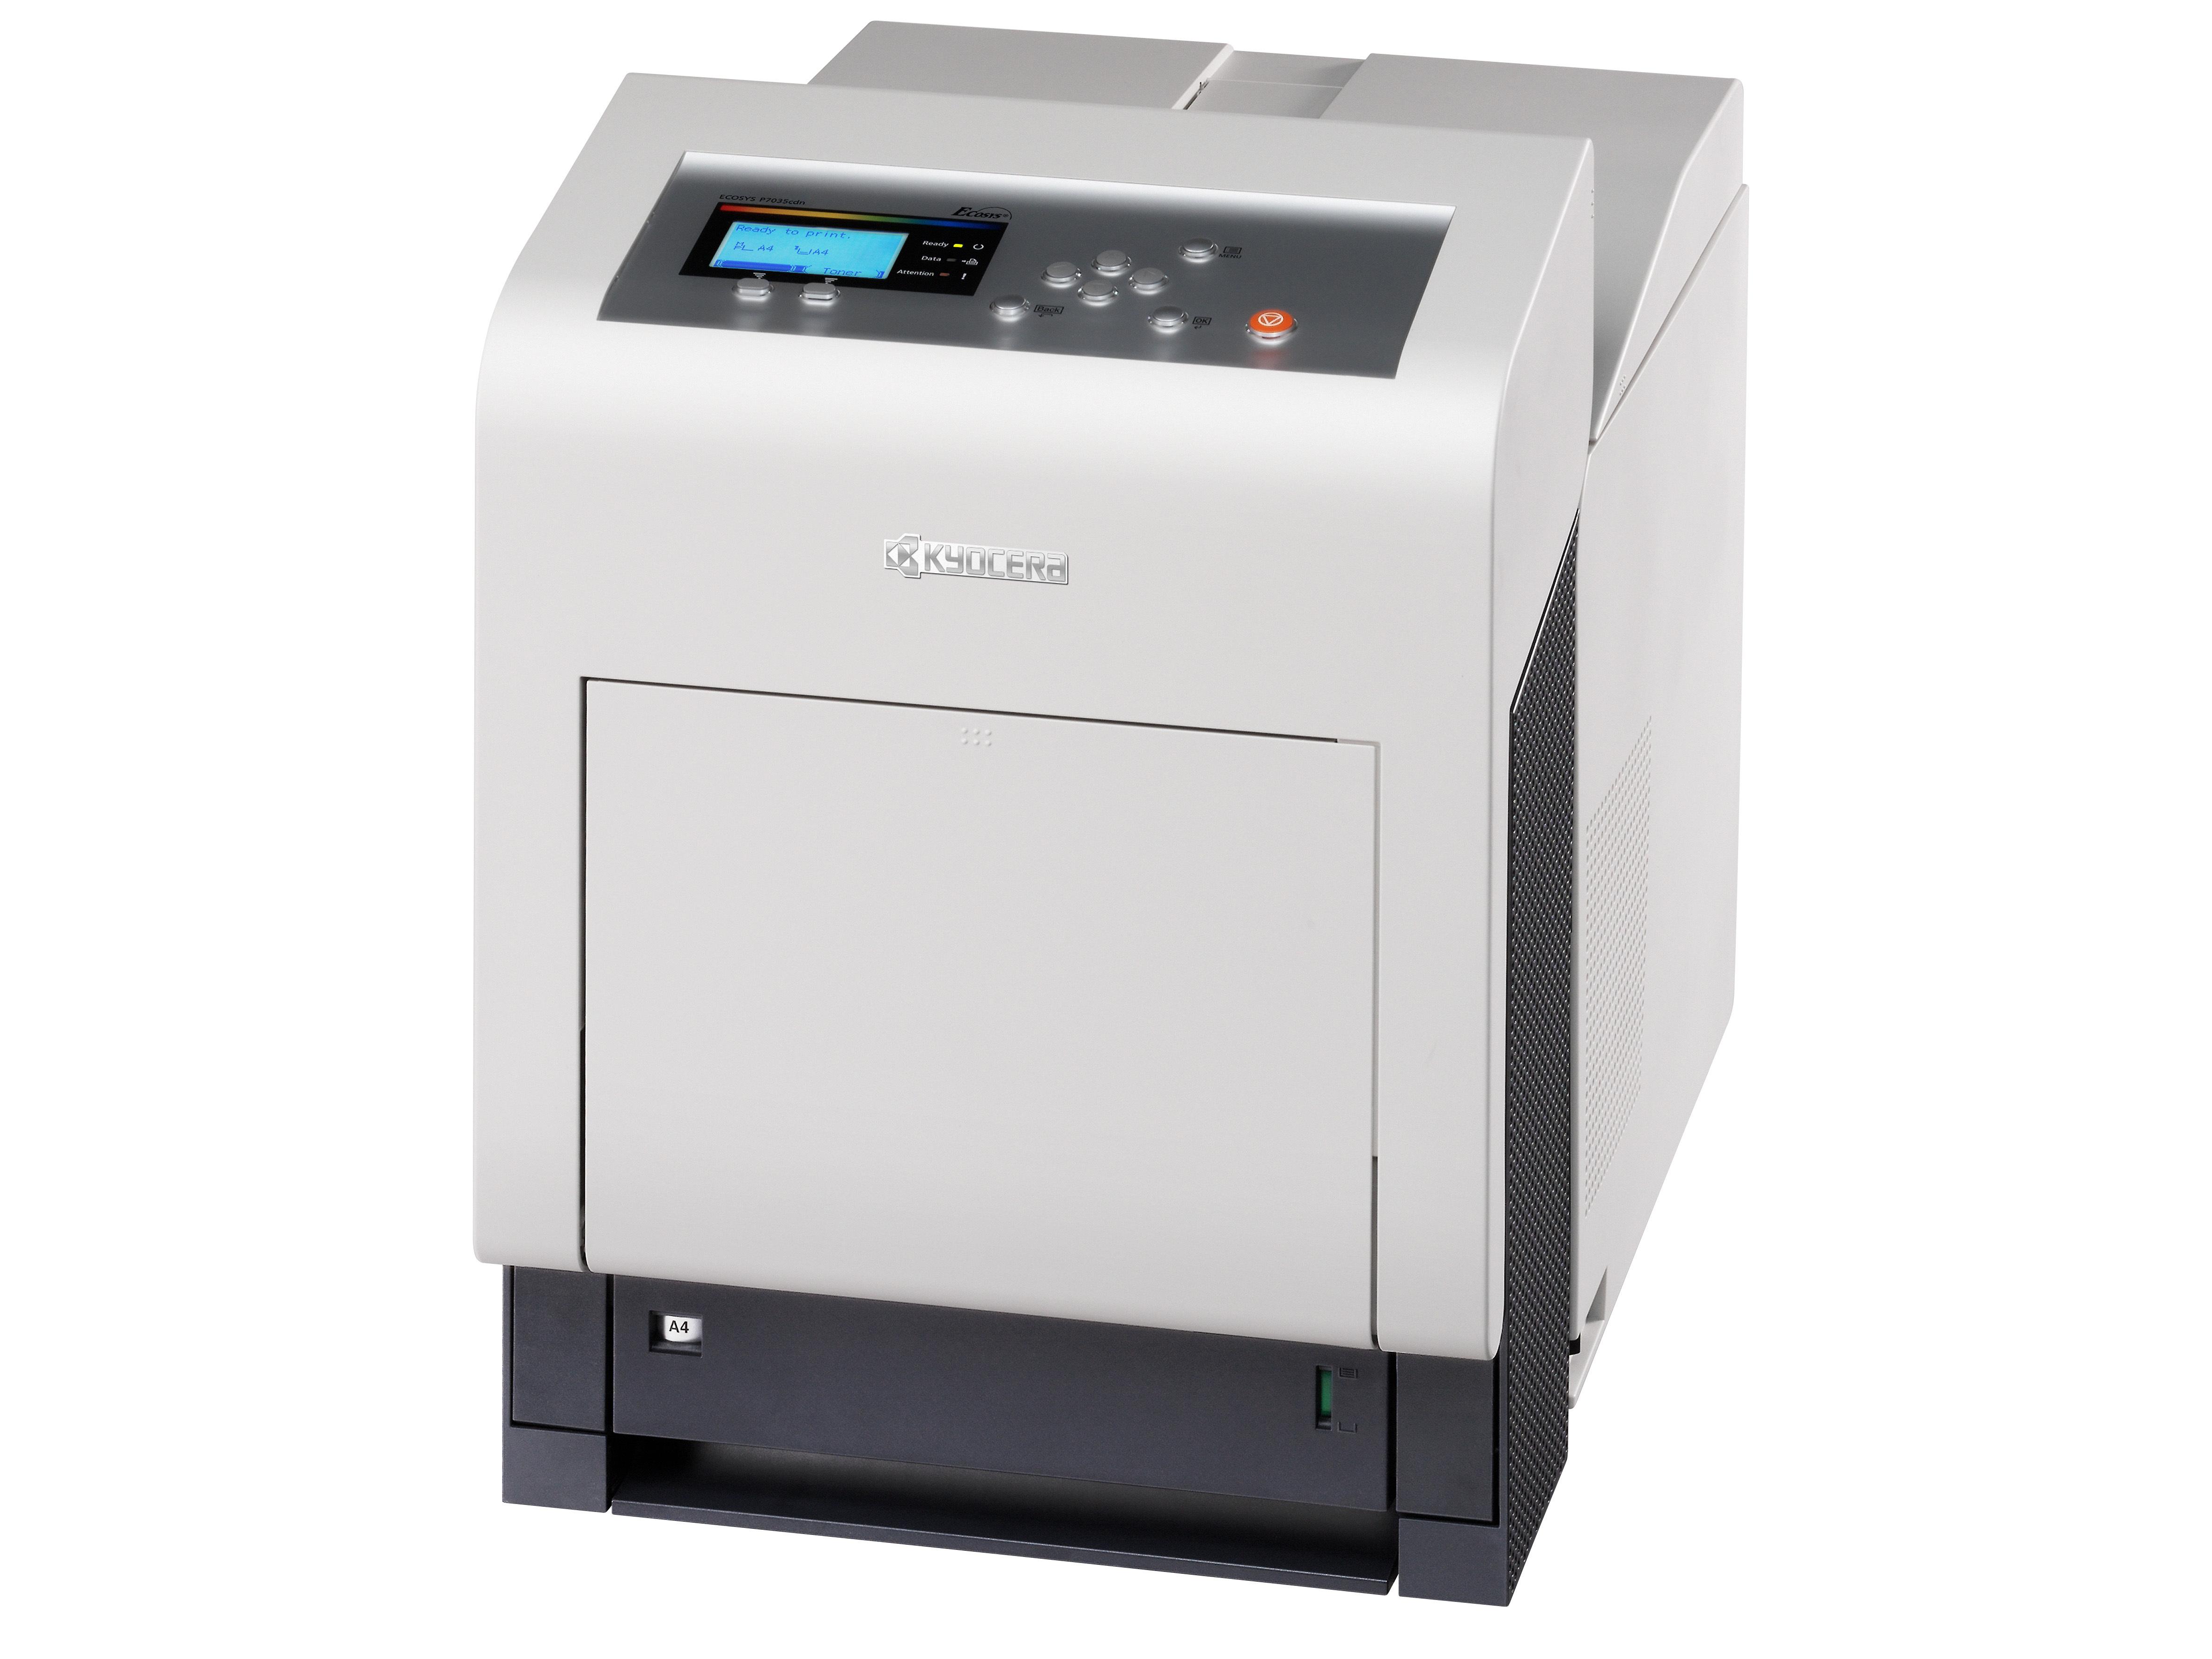 Kyocera ECOSYS P7035cdn - Drucker Farbig Laser/LED-Druck - 9.600 dpi - 35 ppm